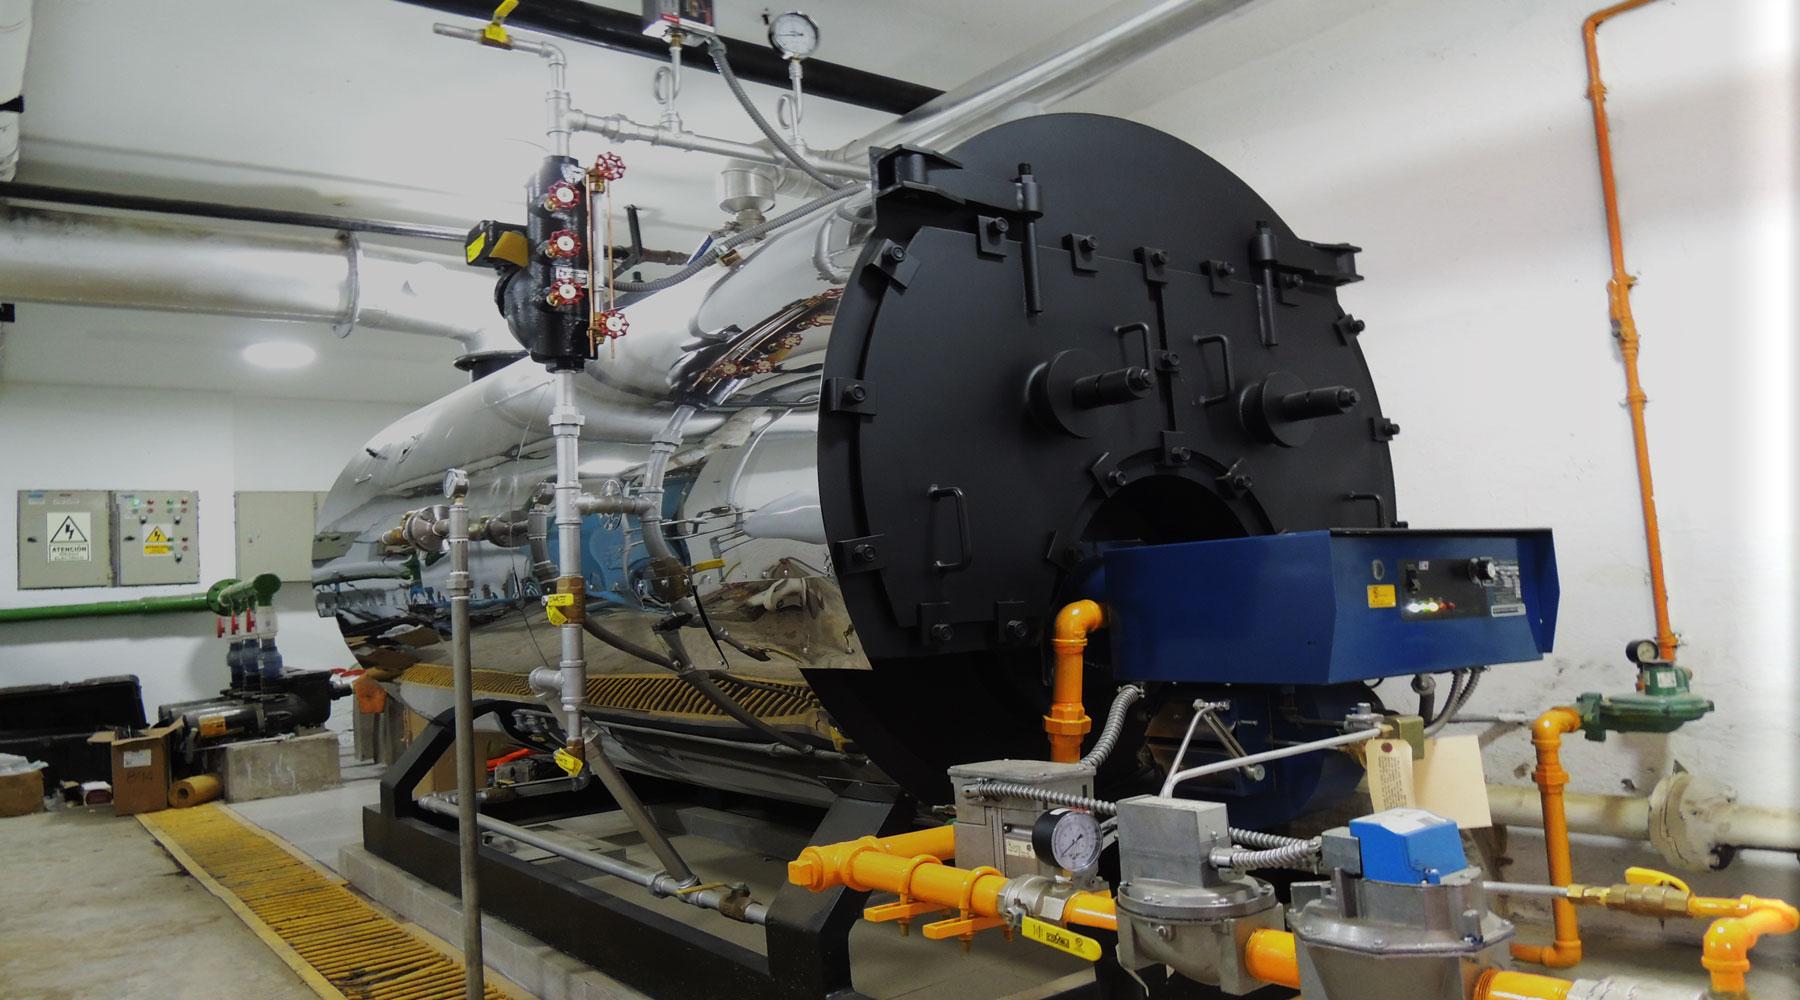 fabricación y mantenimiento de valvulas por manufacturas industriales